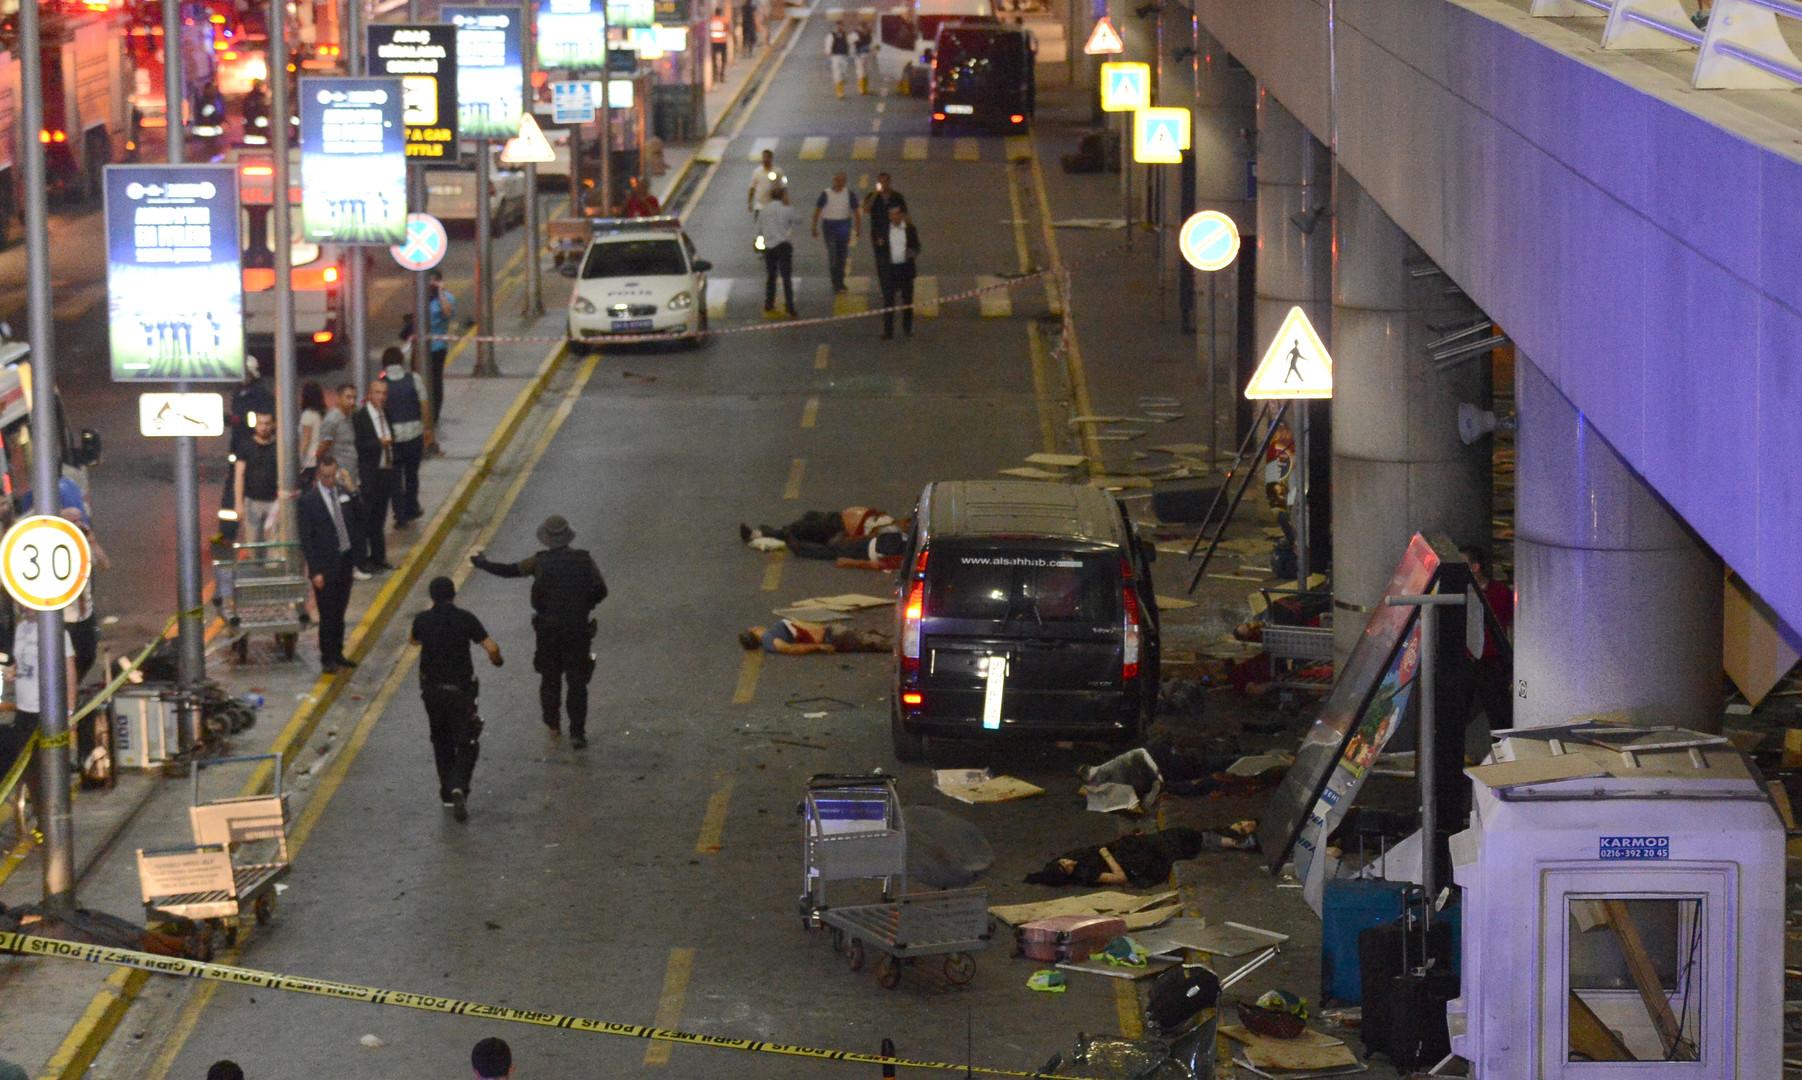 Double attentat-suicide à Atatürk : ce qu'il faut savoir de l'aéroport d'Istanbul